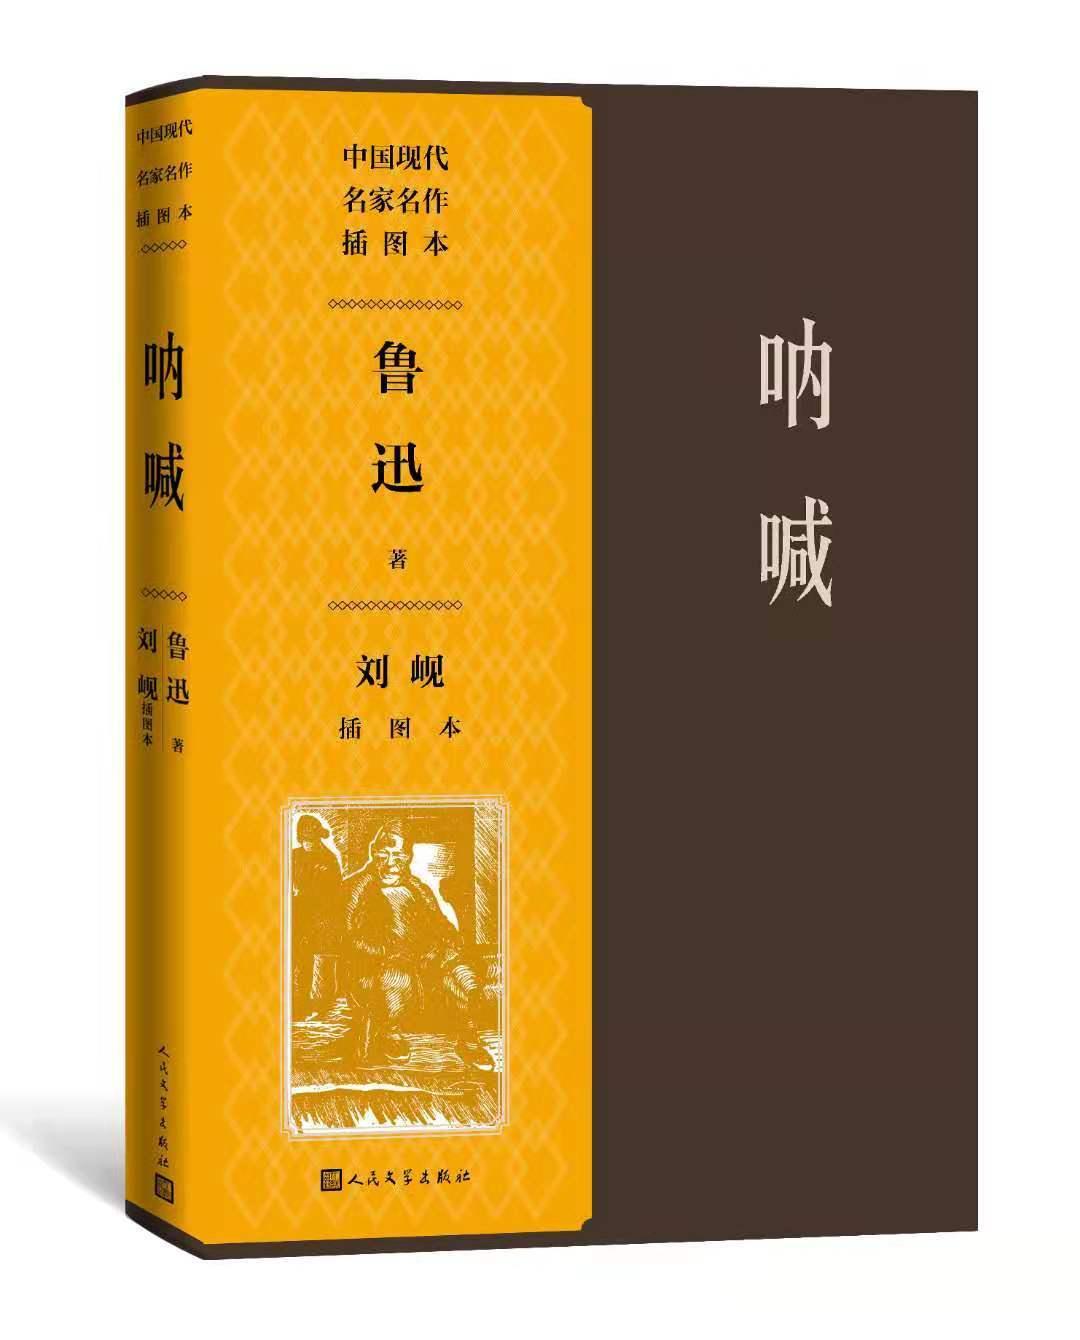 """为纪念鲁迅诞辰140周年,人文社推出""""鲁迅作品单行本""""共29种"""